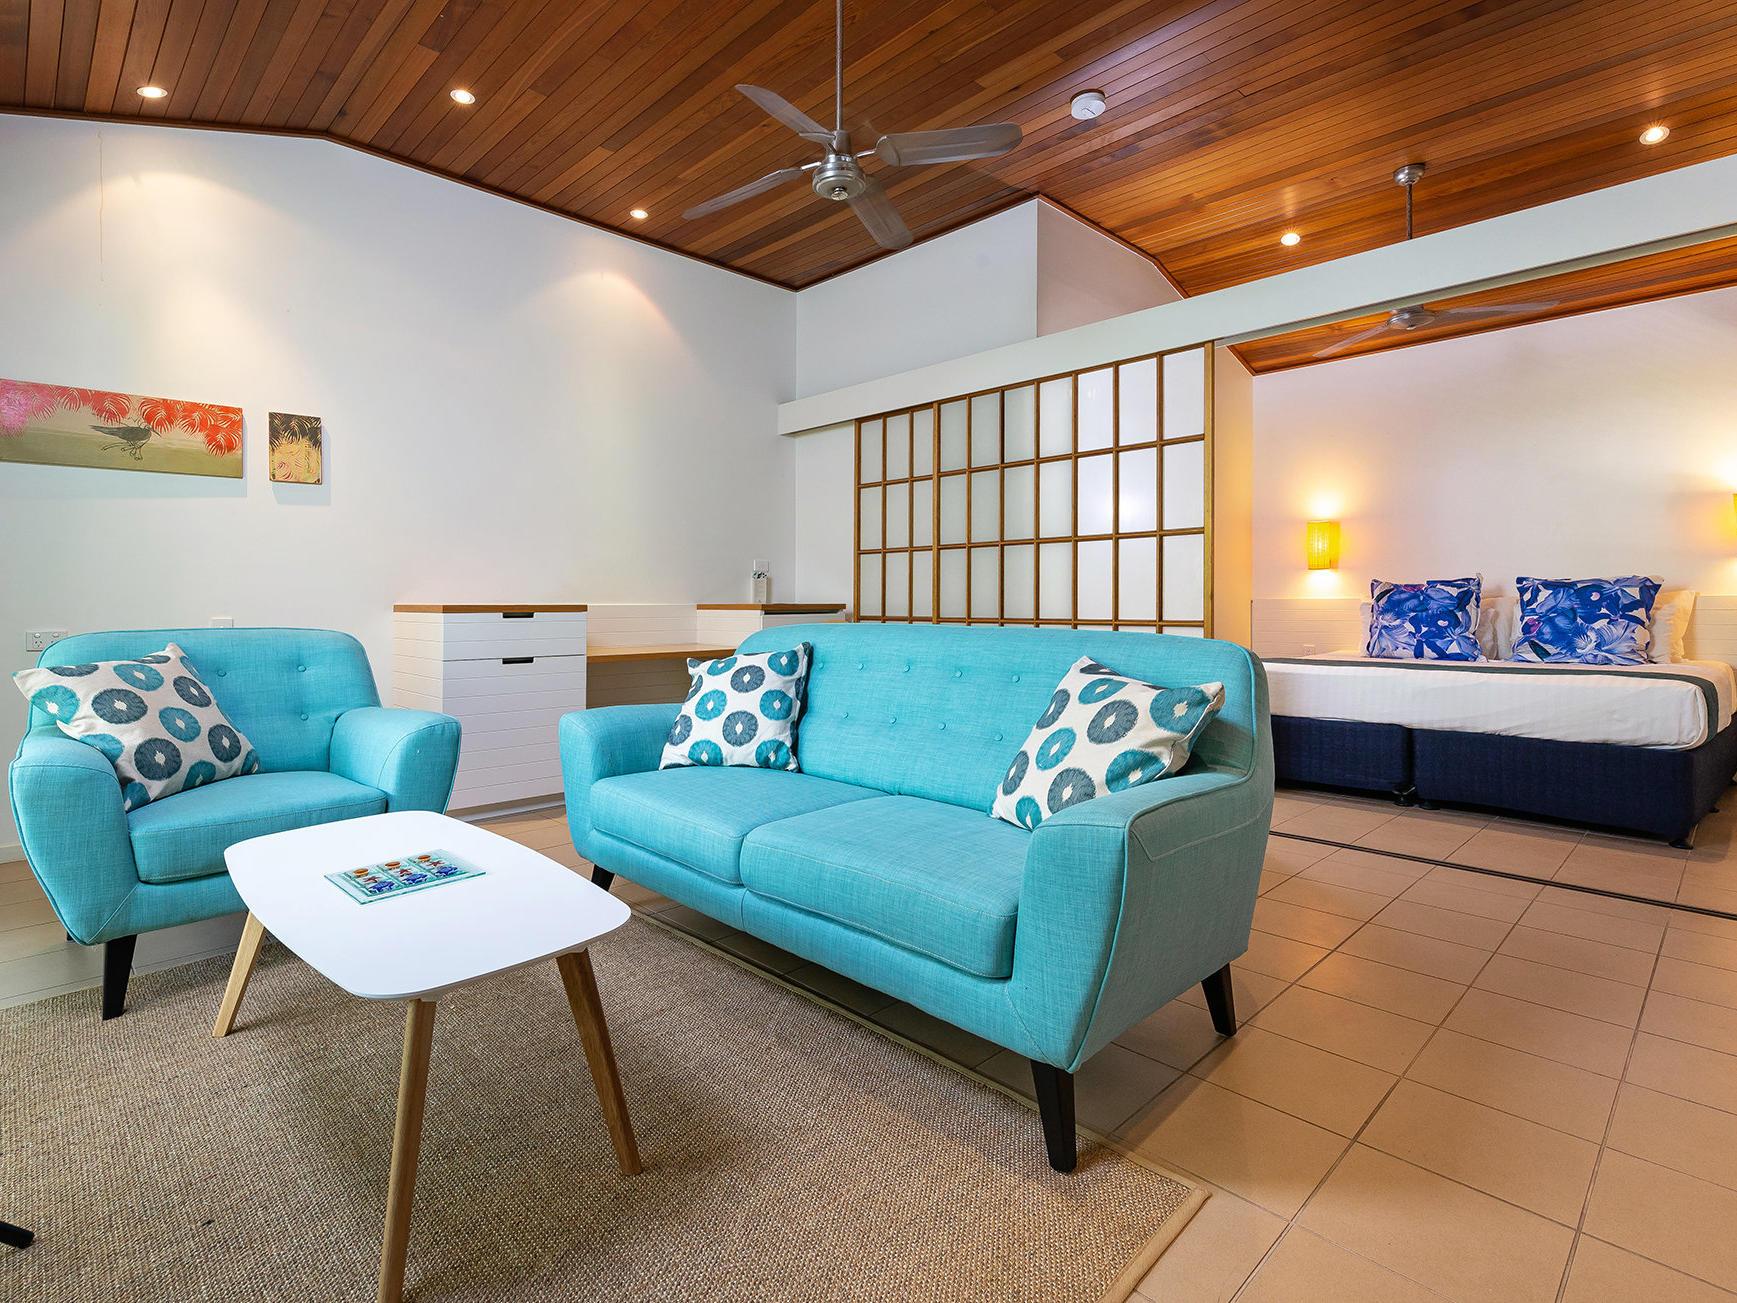 Wistari Suite at Heron Island Resort in Queensland, Australia